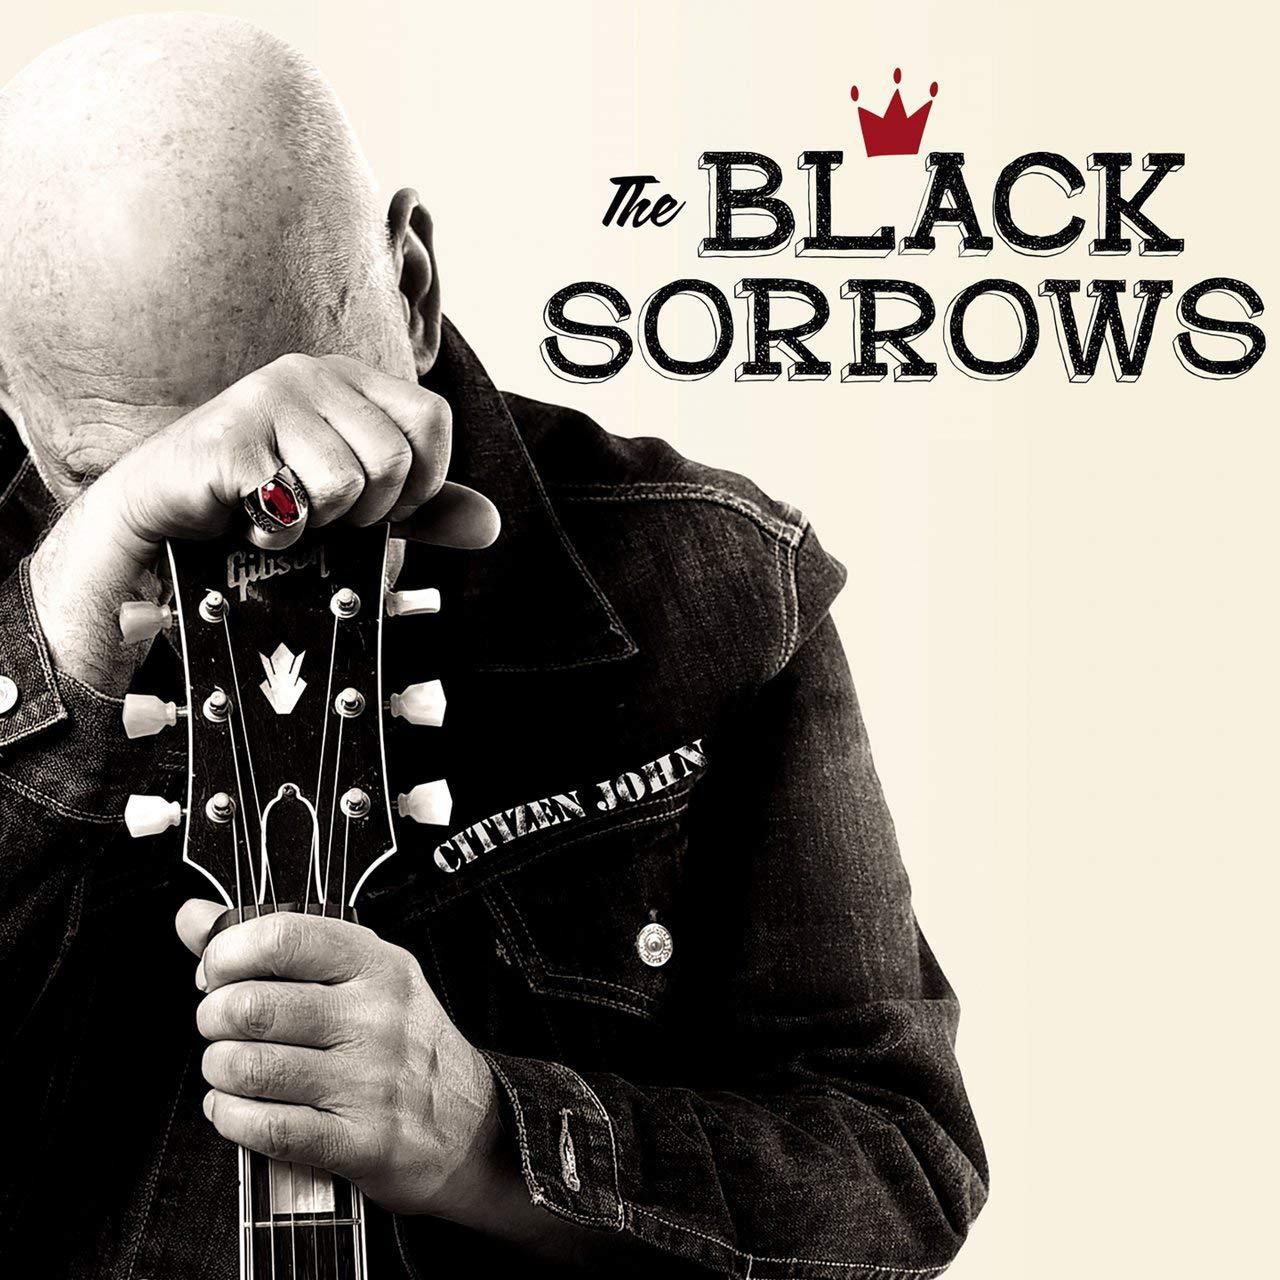 Black Sorrows - Citizen John